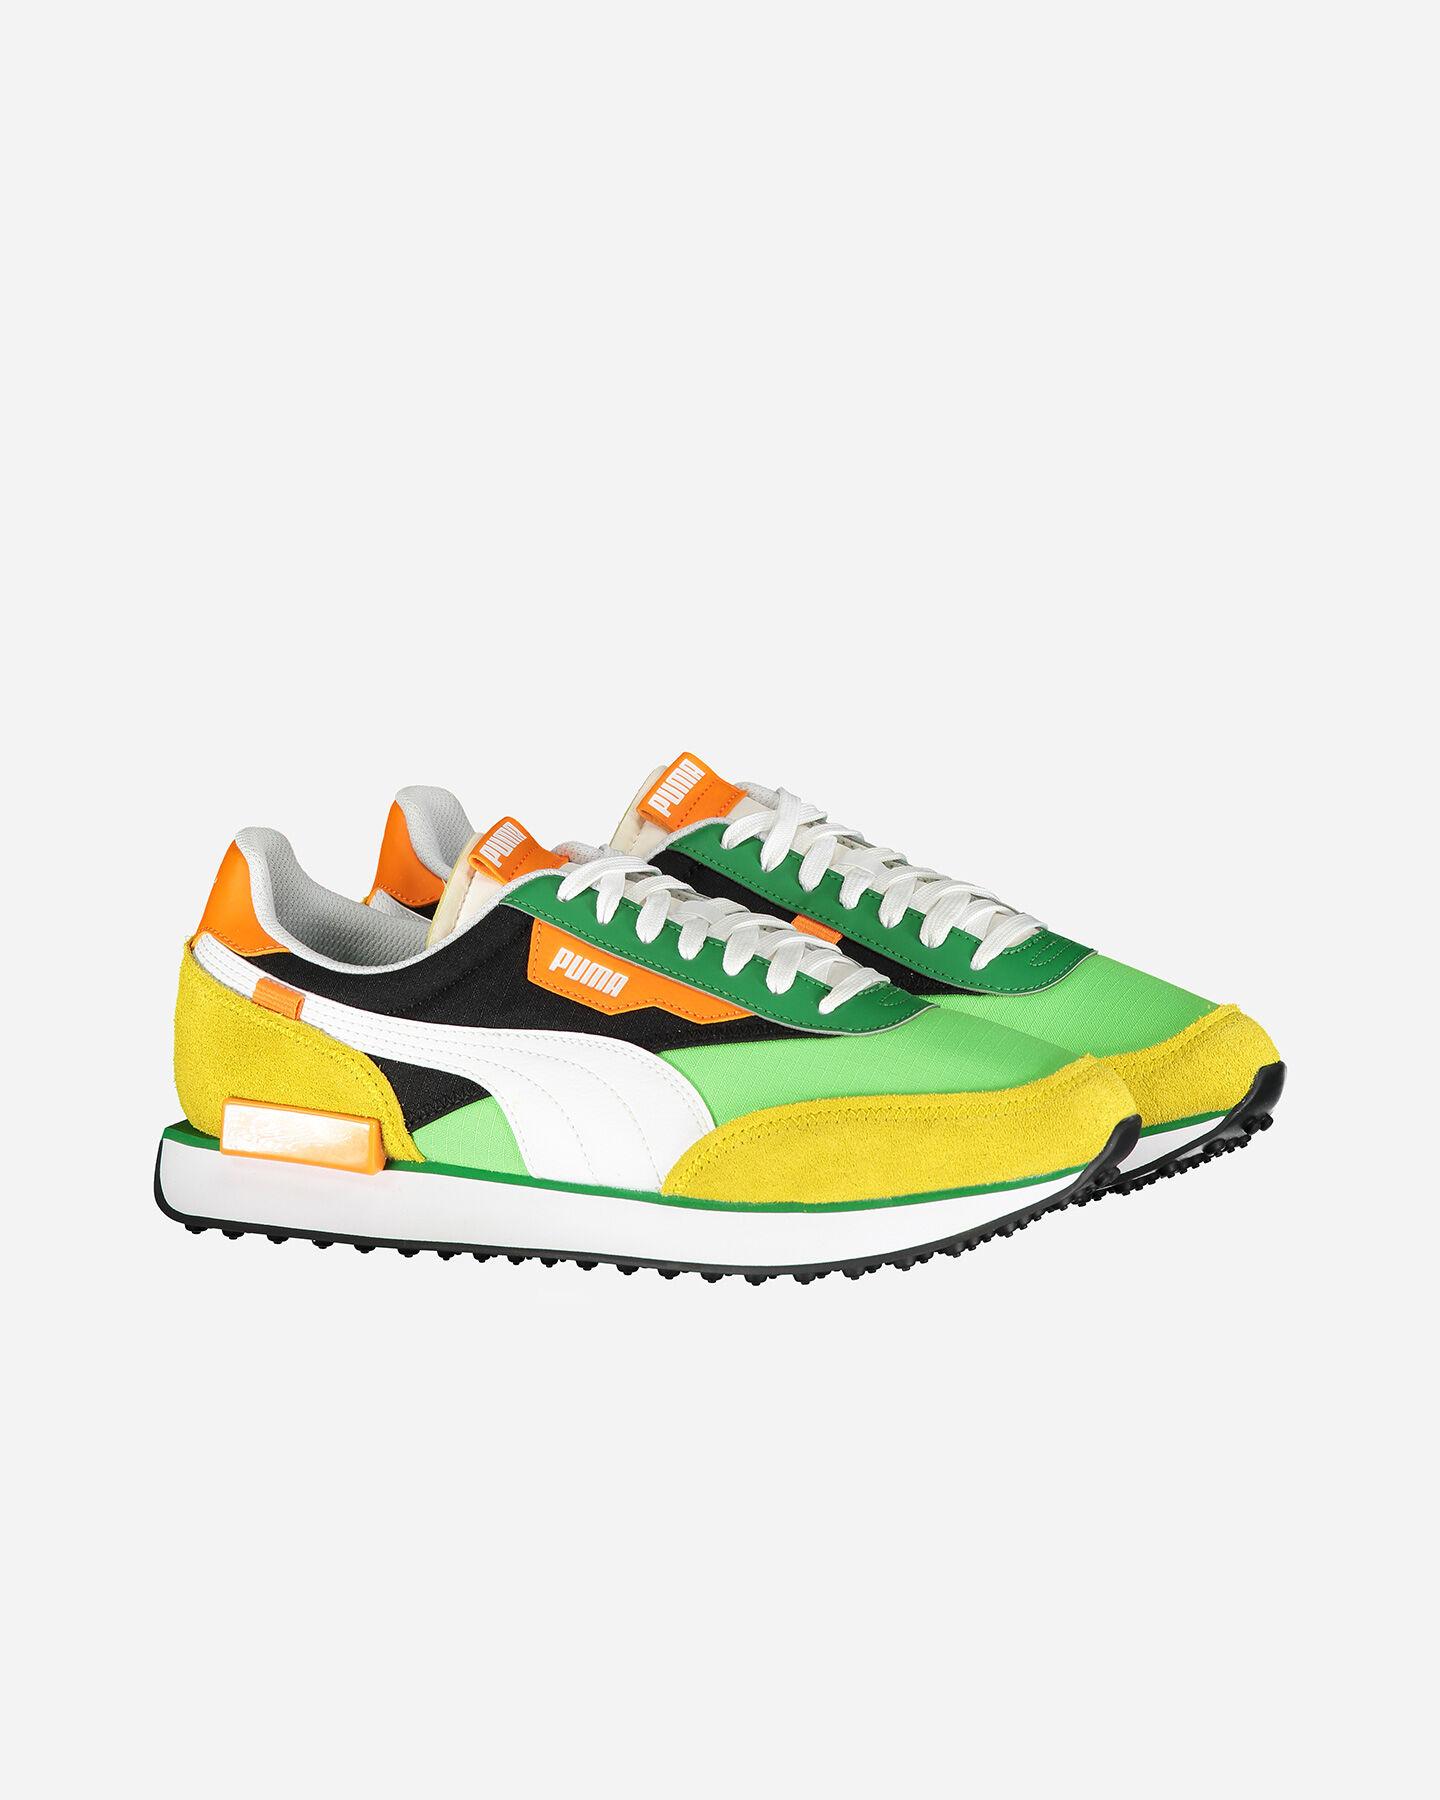 Scarpe sneakers PUMA FUTURE RIDER PLAY ON M S5283216 scatto 1